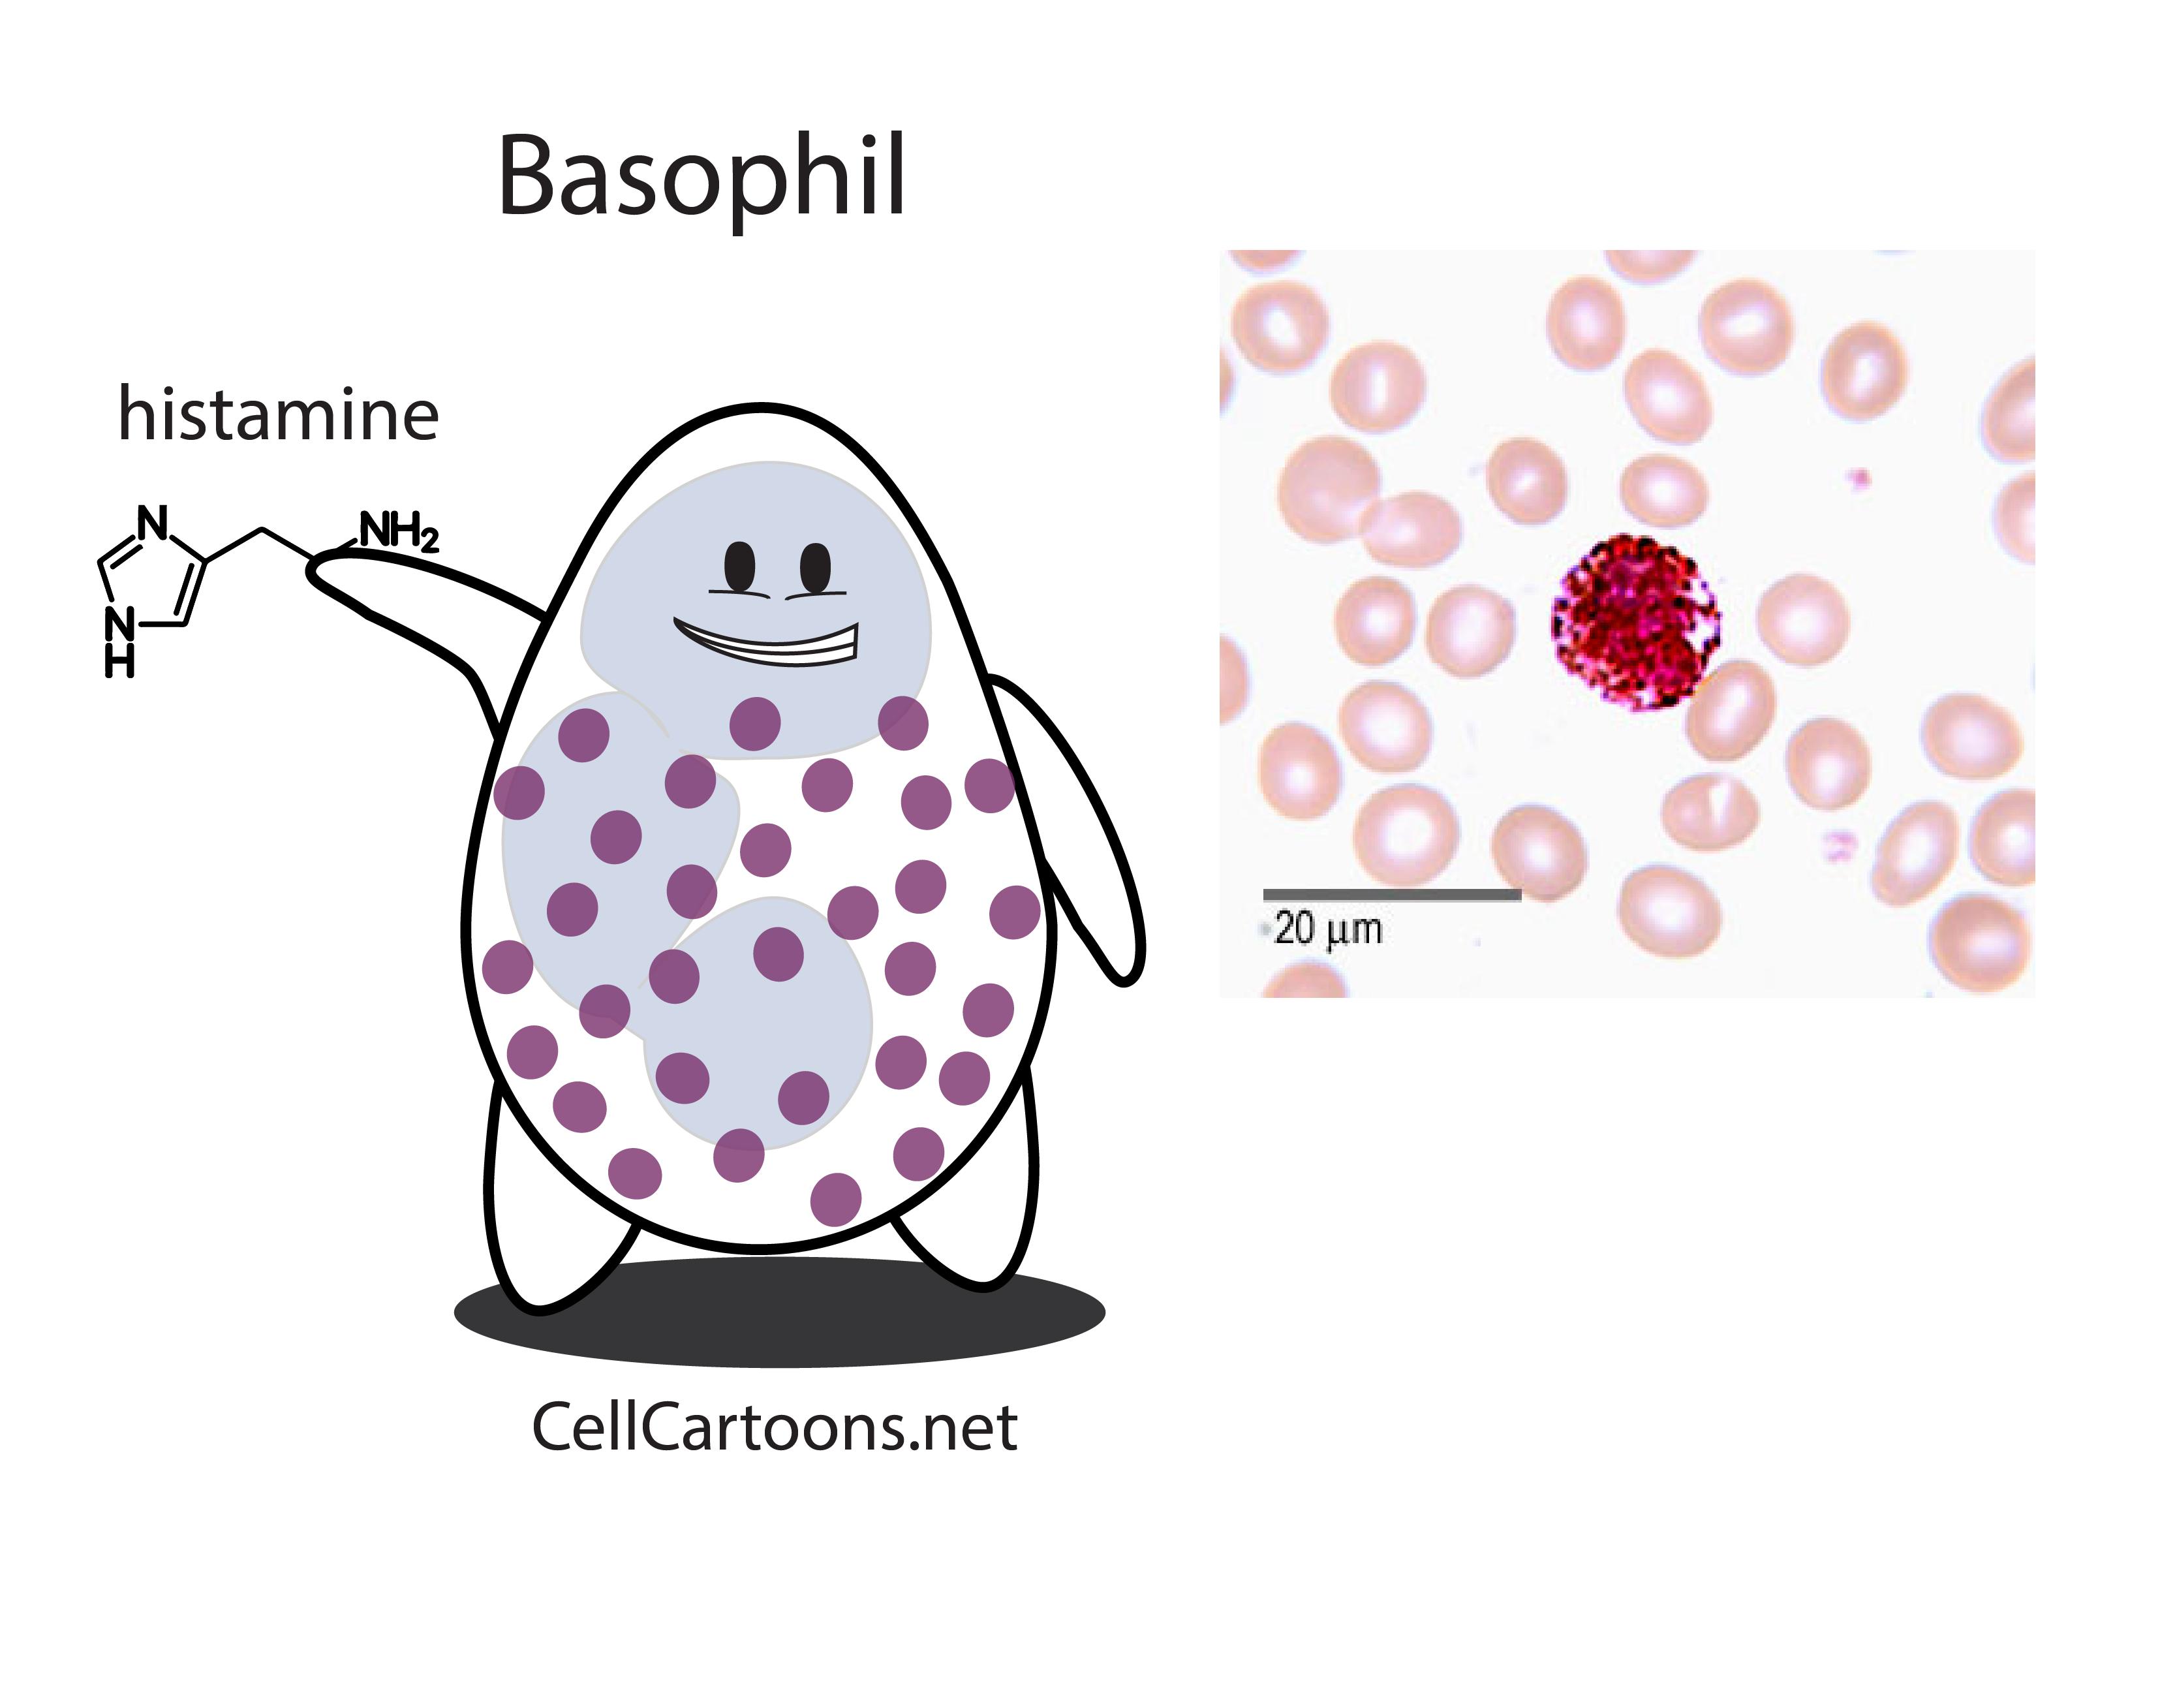 cartoon of immune cell called basophil